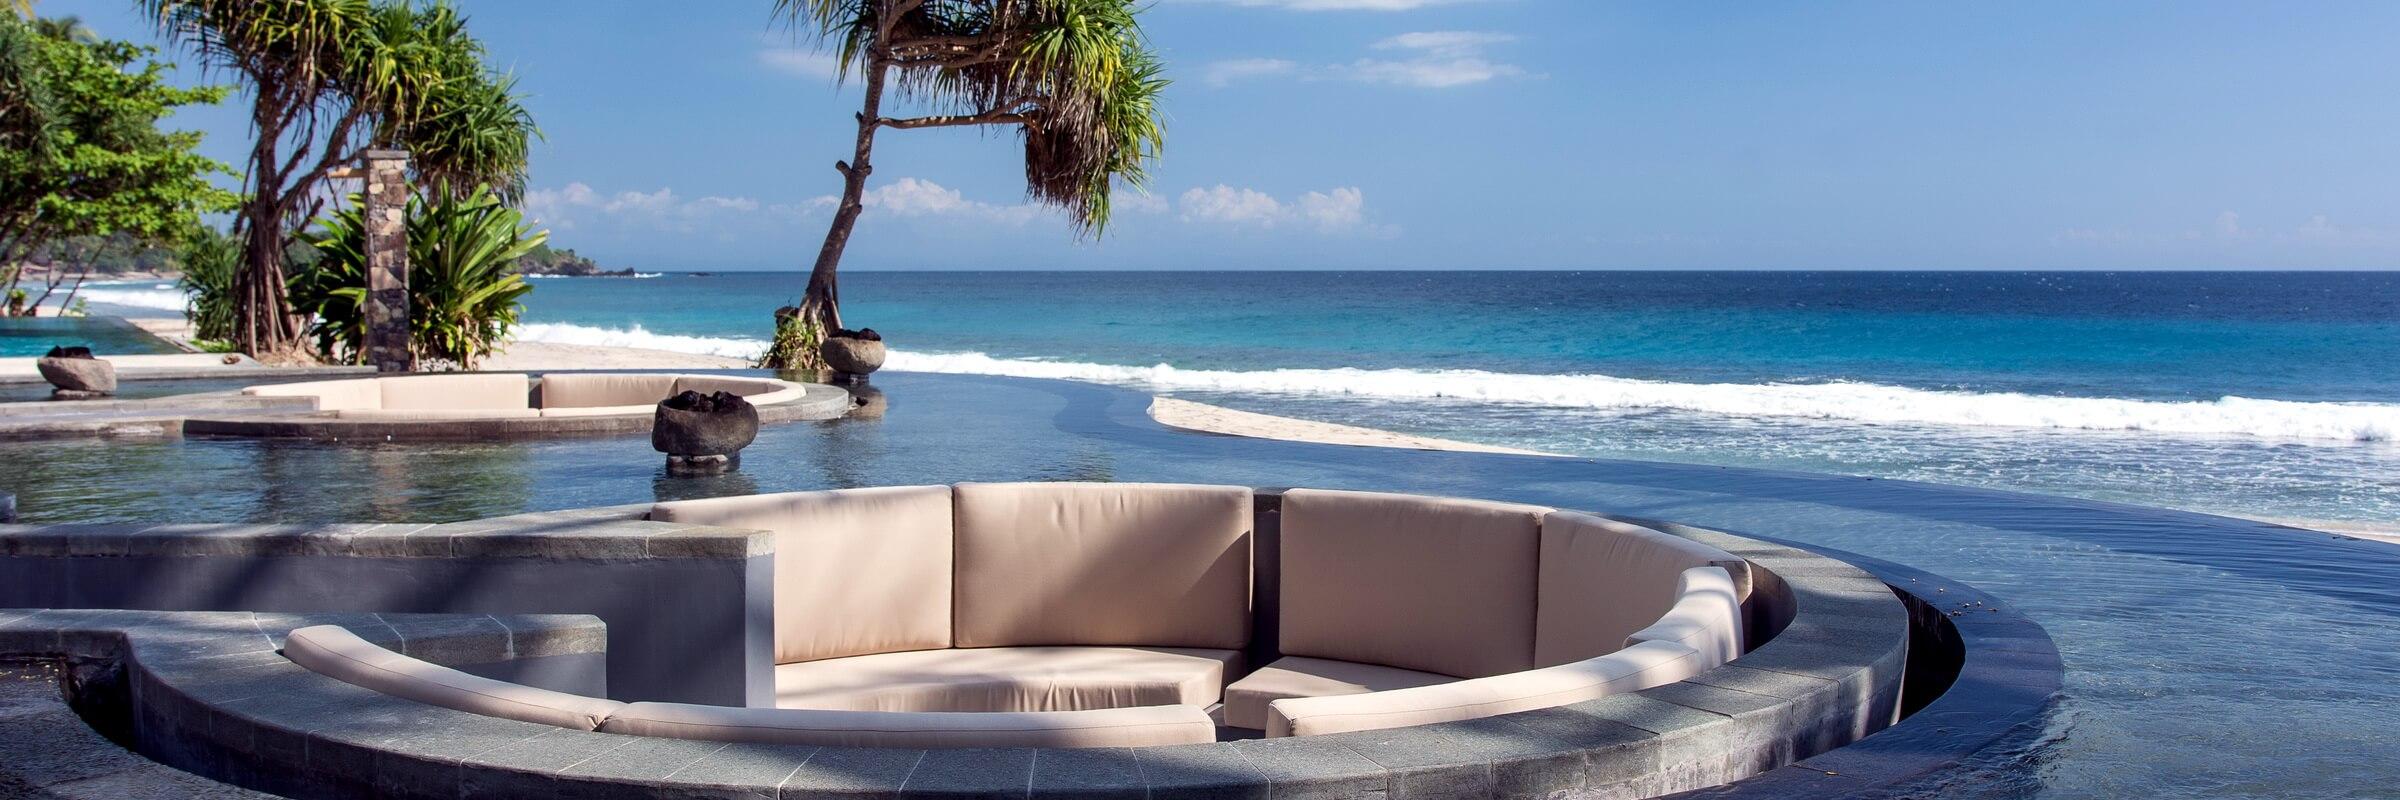 Der Infinity Pool mit eingebettetem Sofa im Katamaran Resort auf Lombok läd zum Entspannen ein